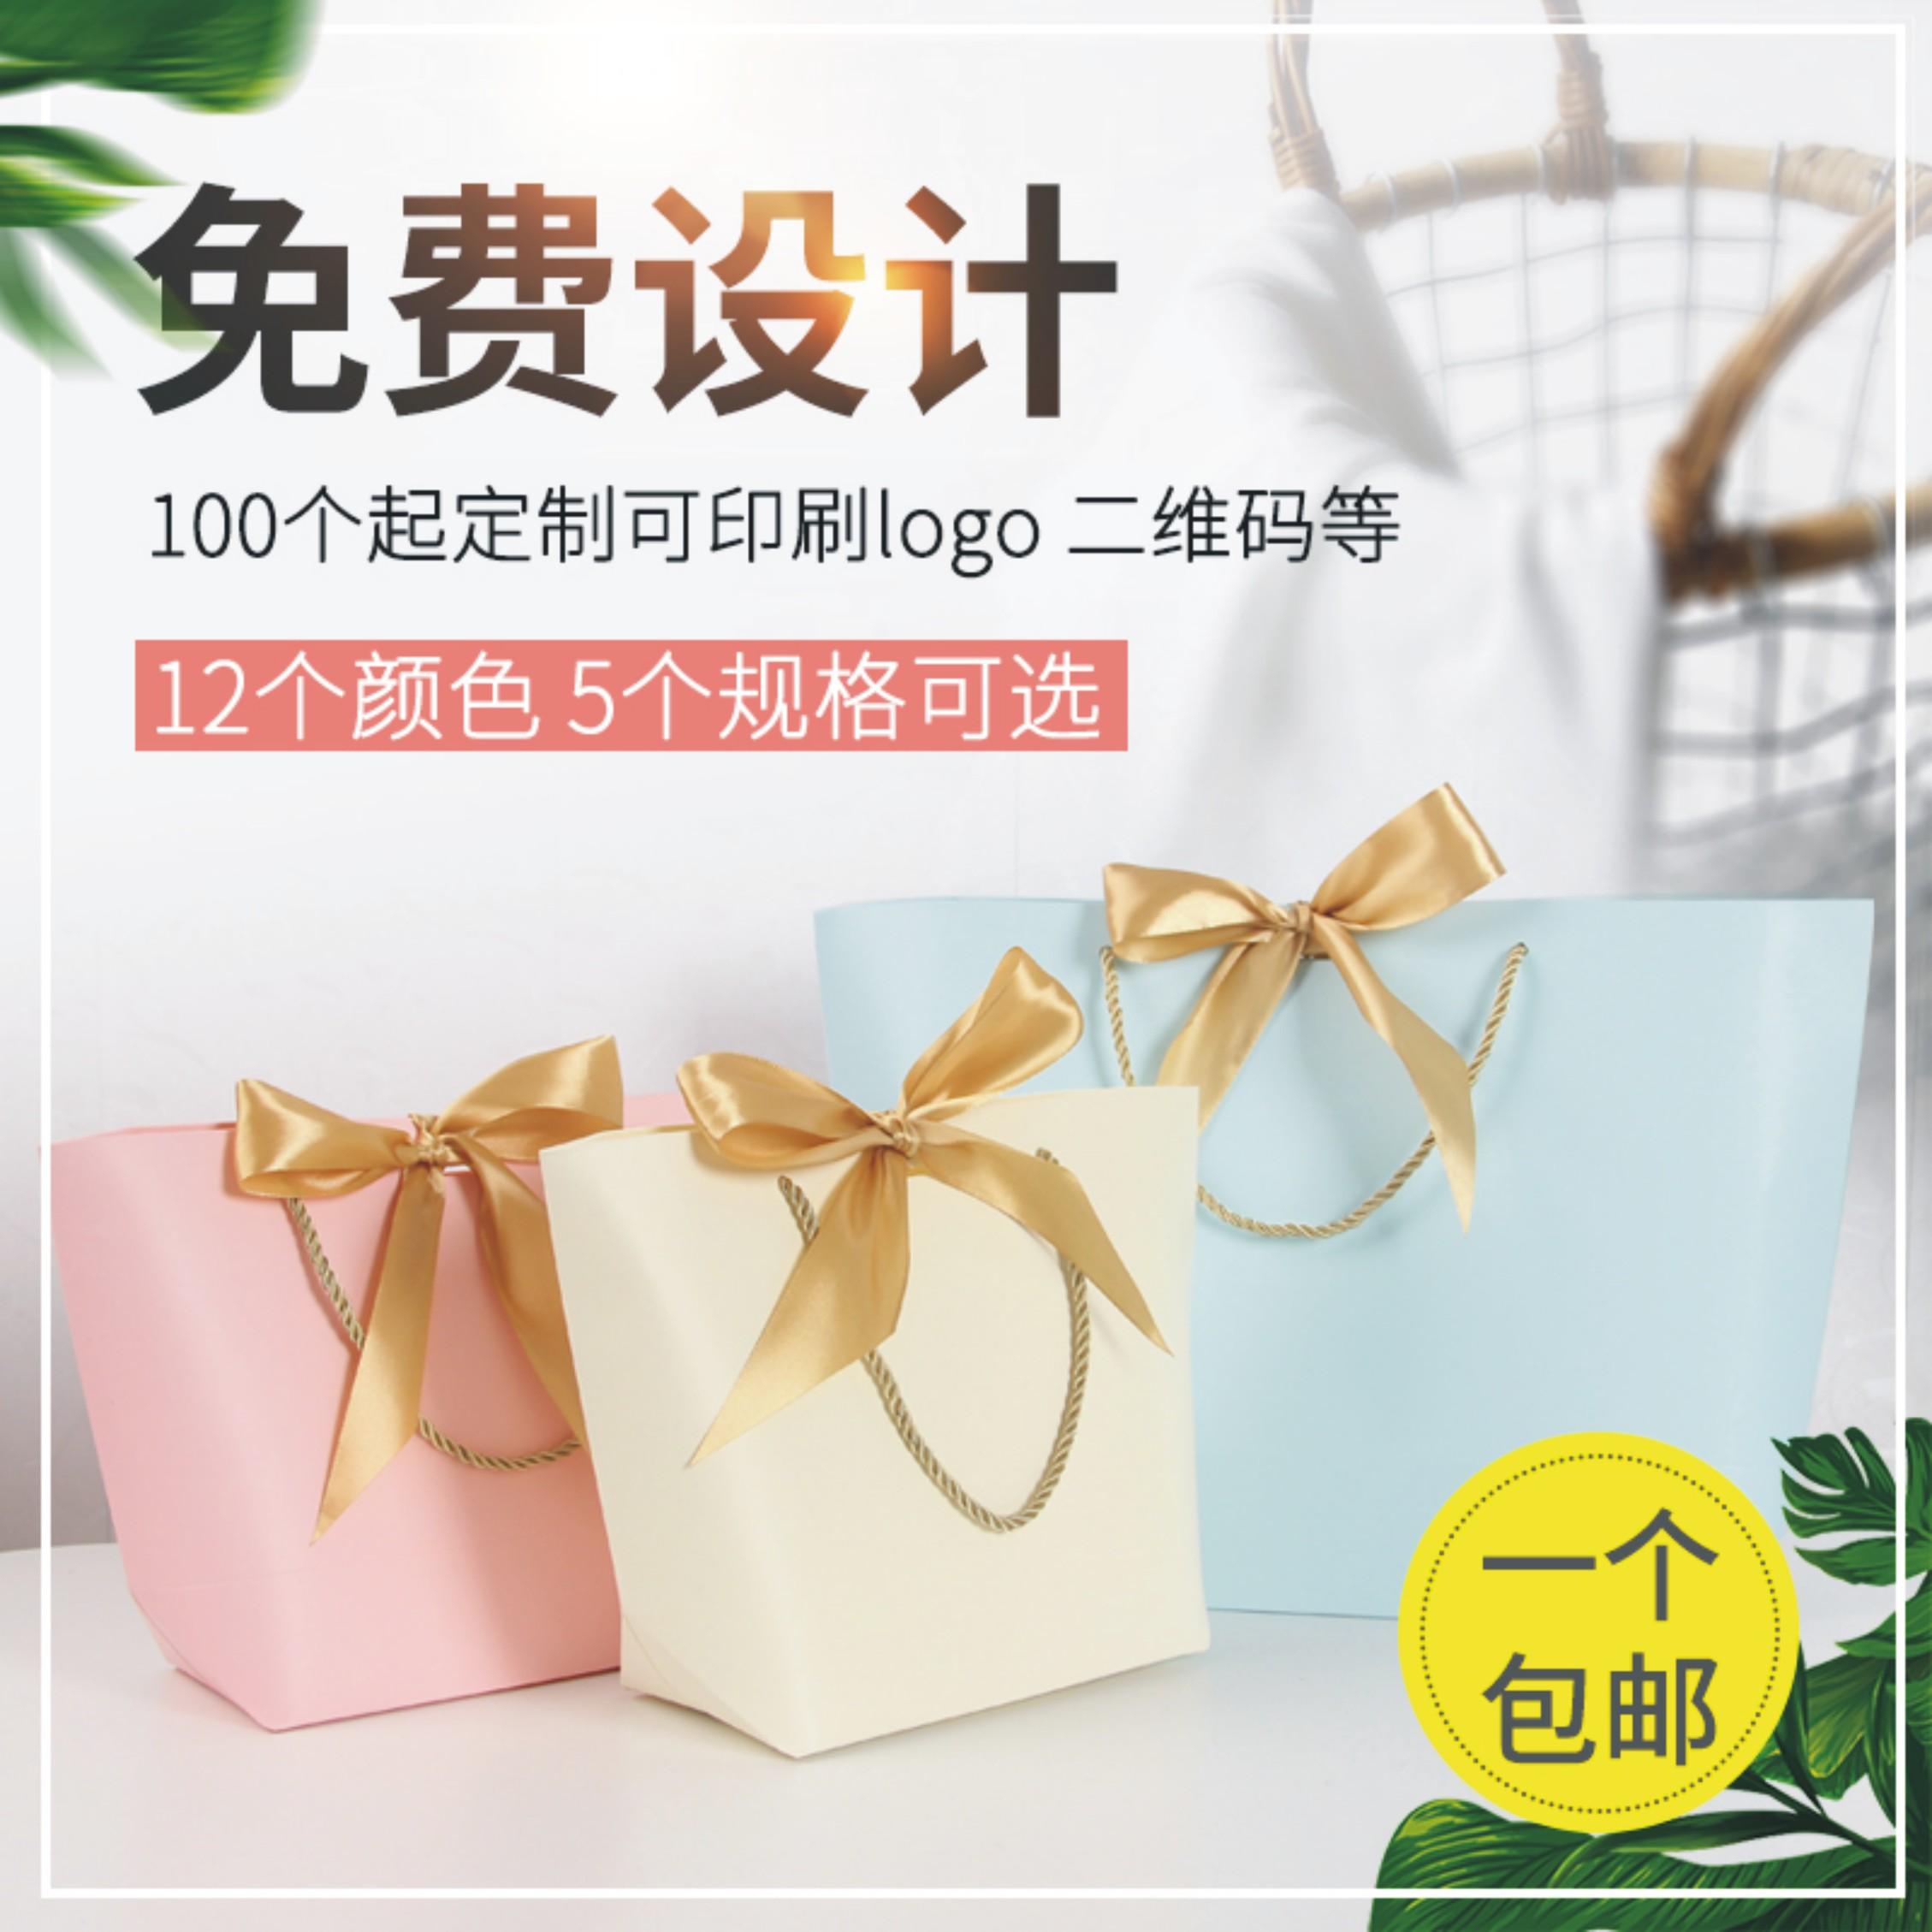 纸袋定做手提袋定制礼品袋服装购物袋化妆品袋子首饰袋印刷包装袋